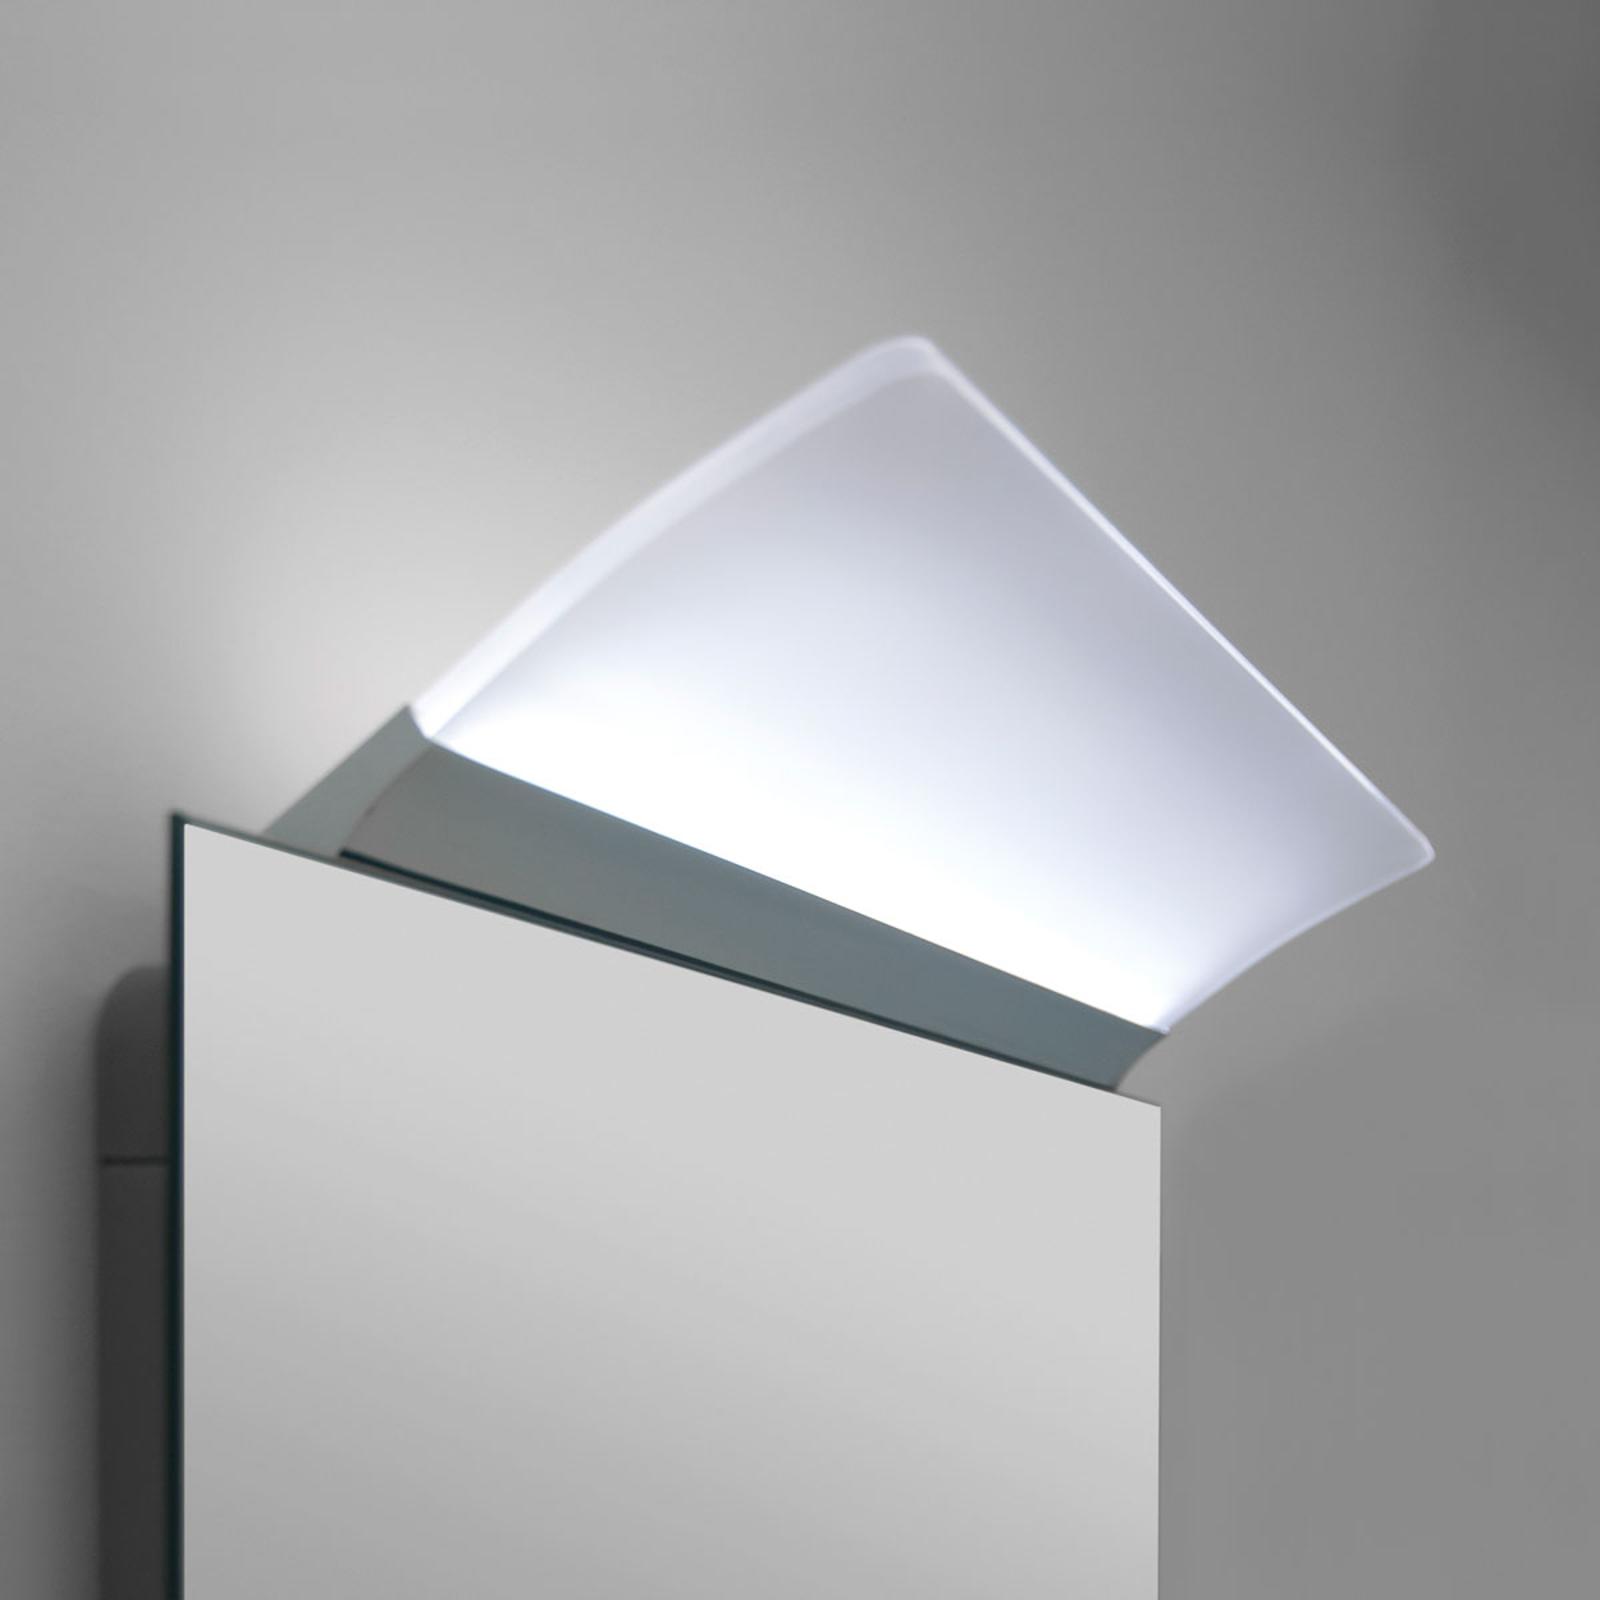 Ploché zrkadlové LED svietidlo Angela, IP44, 30 cm